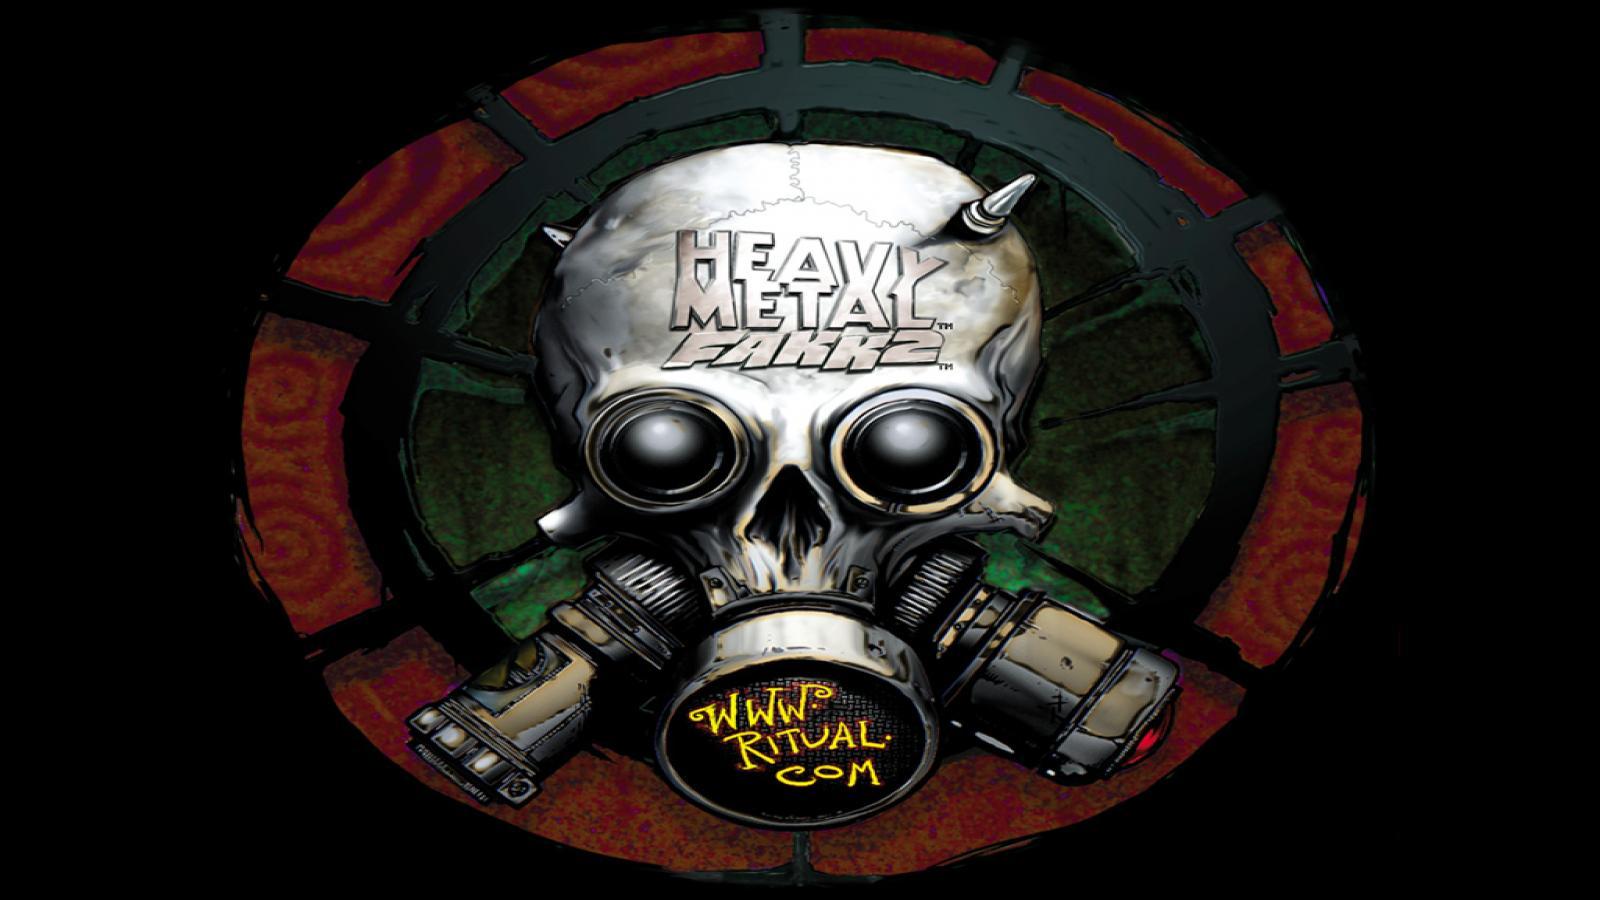 http://2.bp.blogspot.com/-rEAq5odZSnw/T4vYtGgrceI/AAAAAAAABLw/jQtSuHUGTOM/s1600/cool-skull-wallpaper,1600x900,37442.jpg